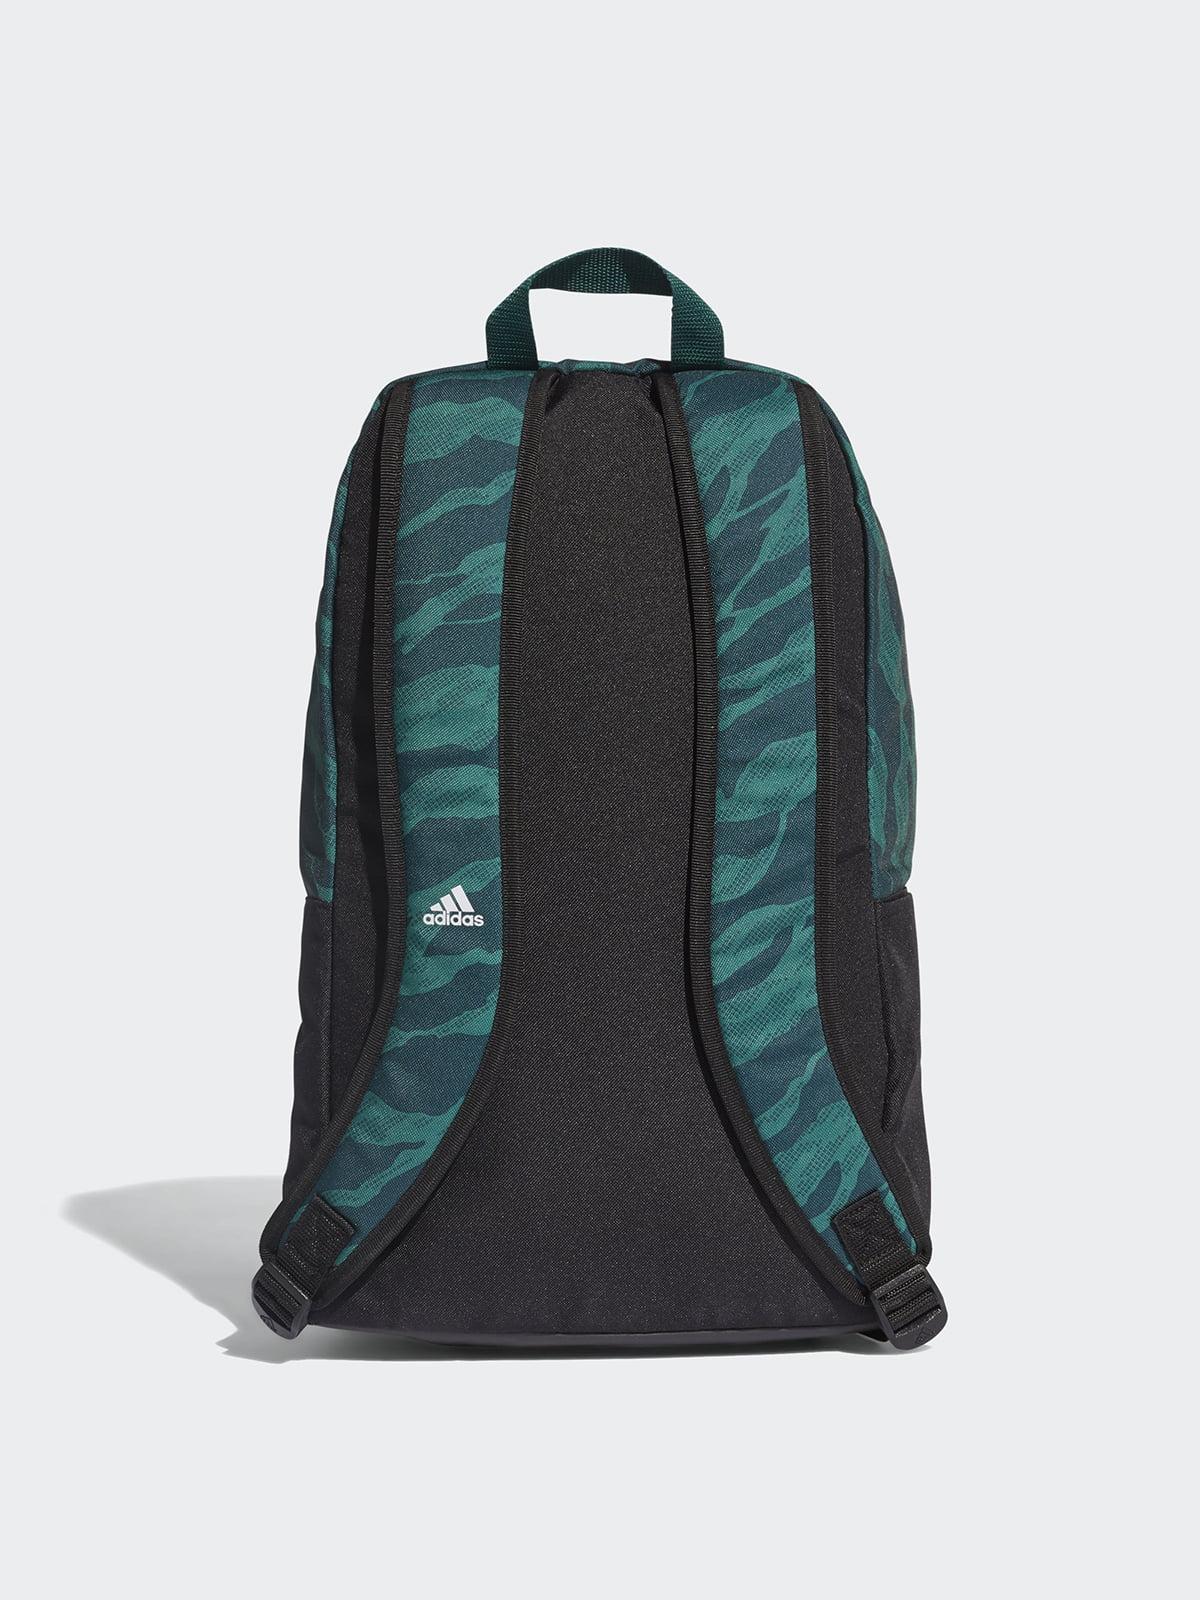 b627007c6dec Рюкзак черно-зеленый с принтом — Adidas, акция действует до 28 ...